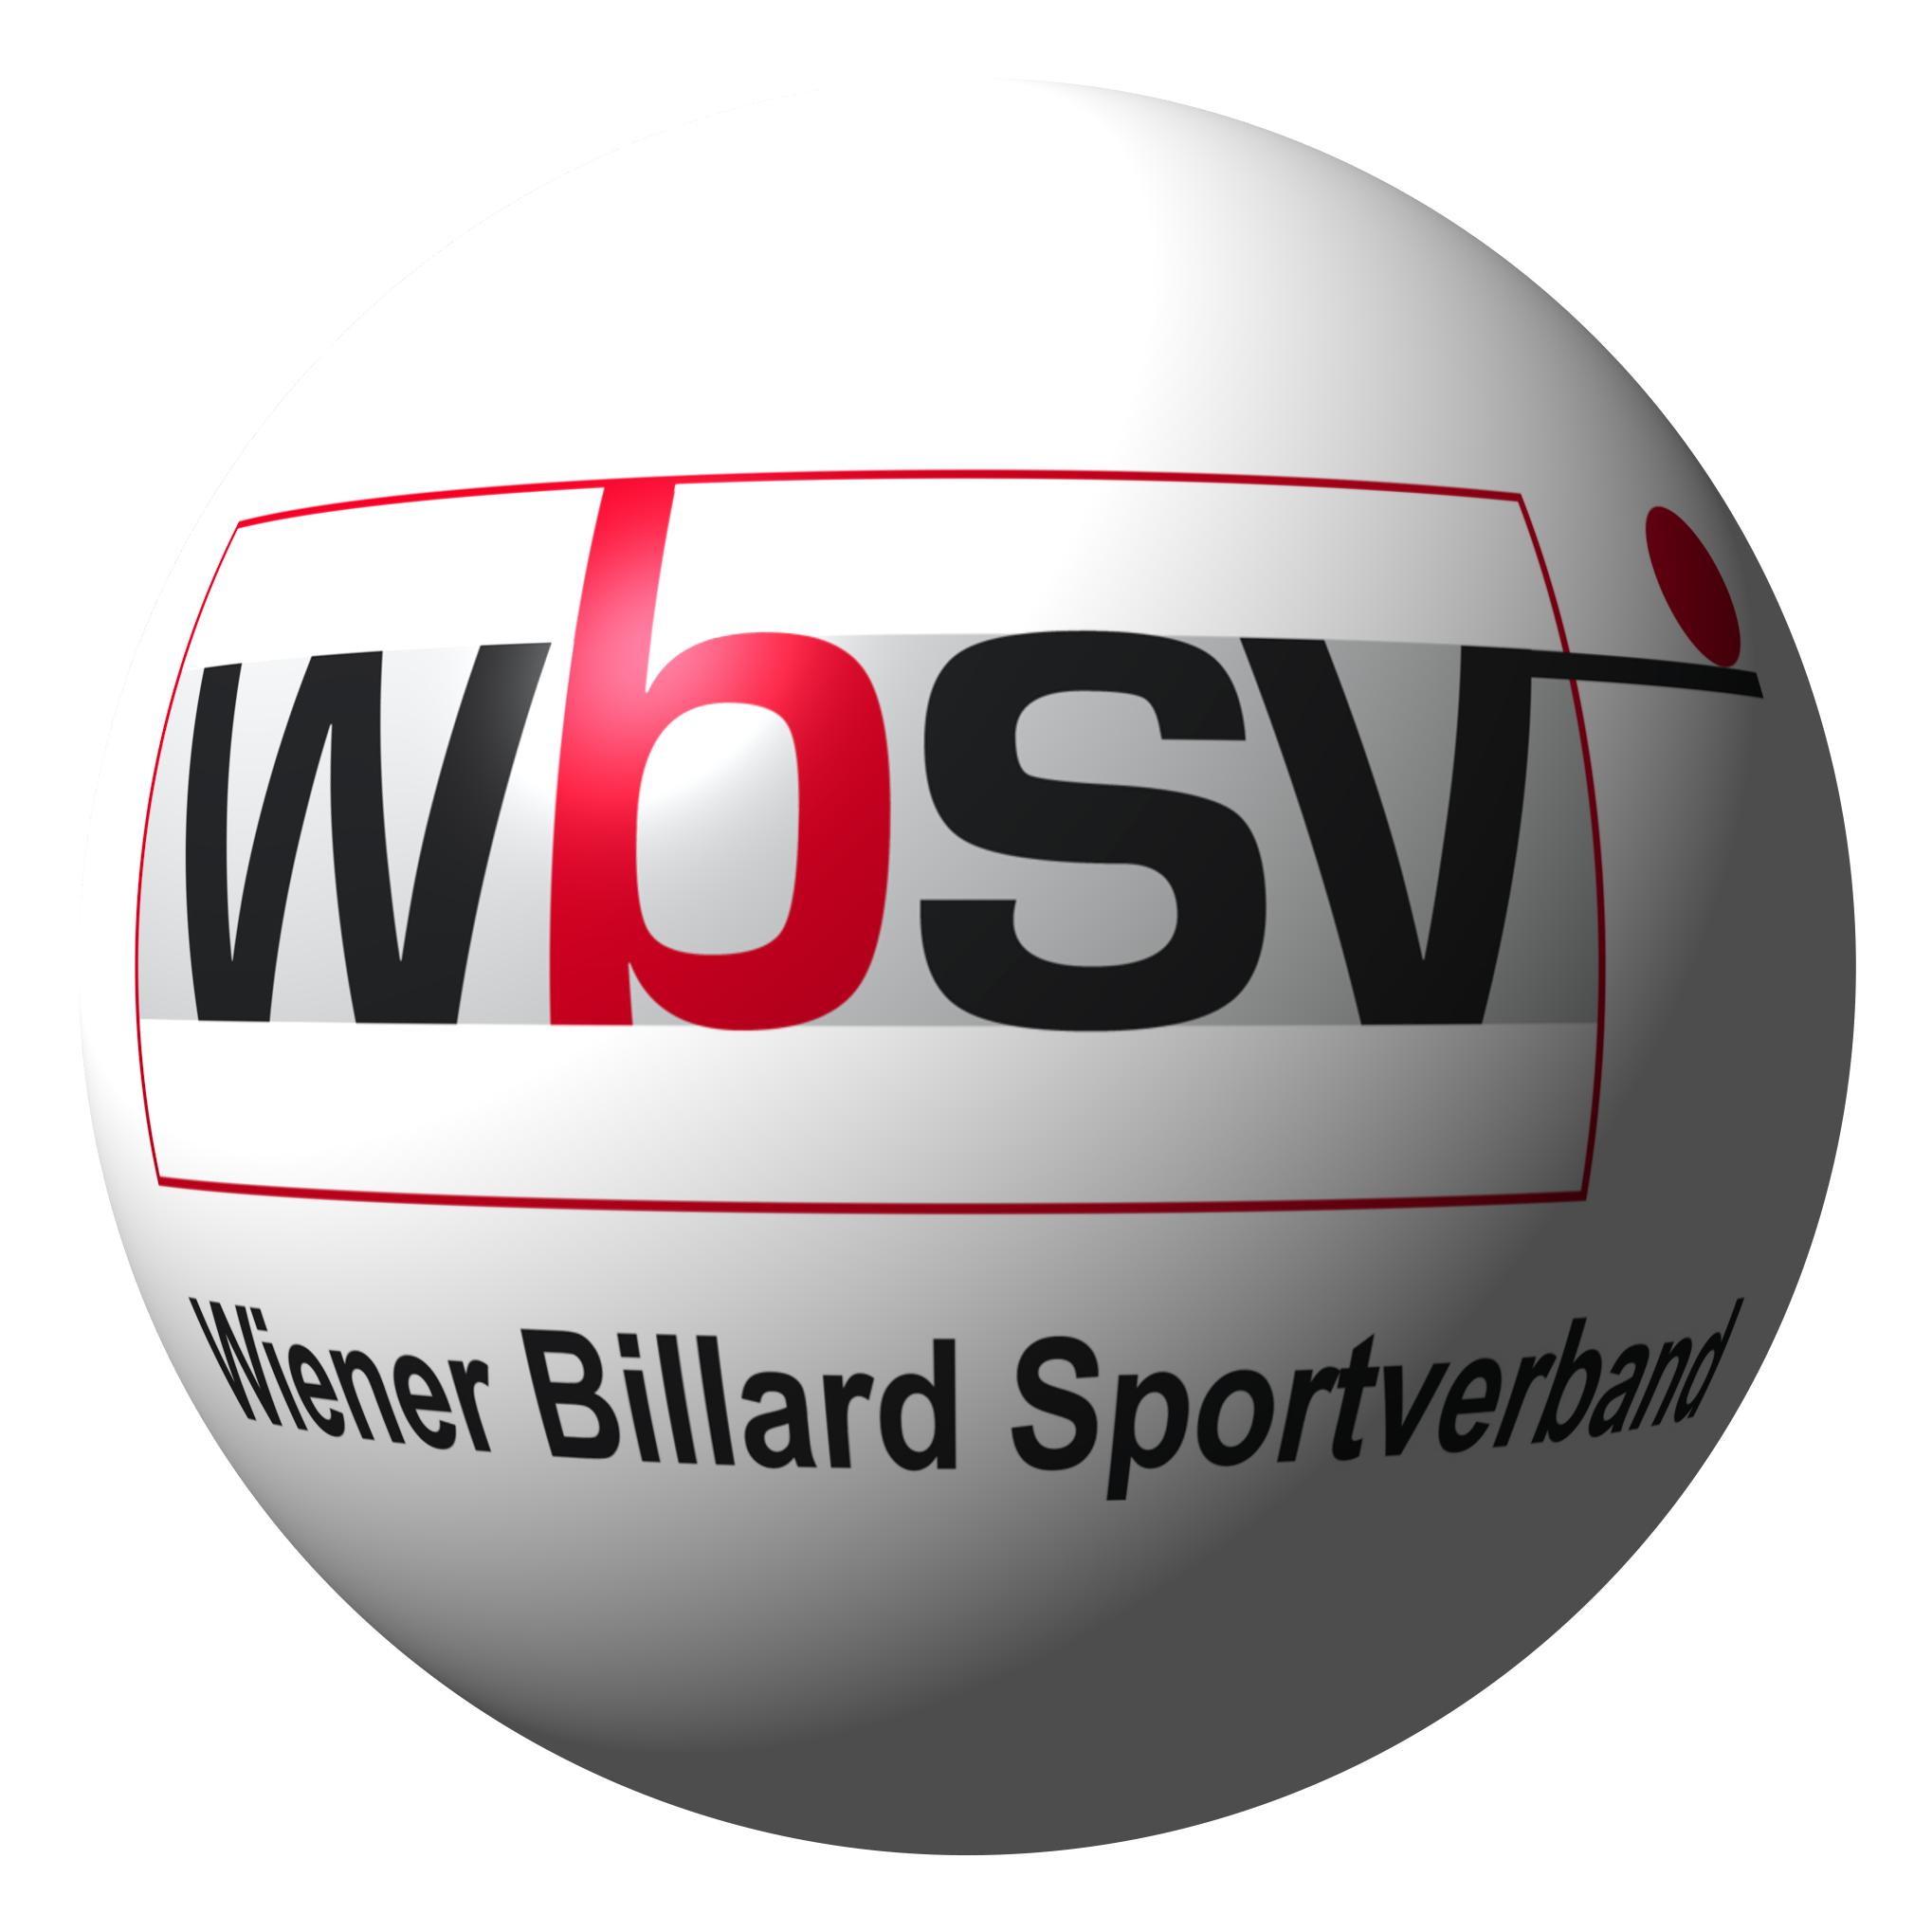 Wiener Billard Sportverband